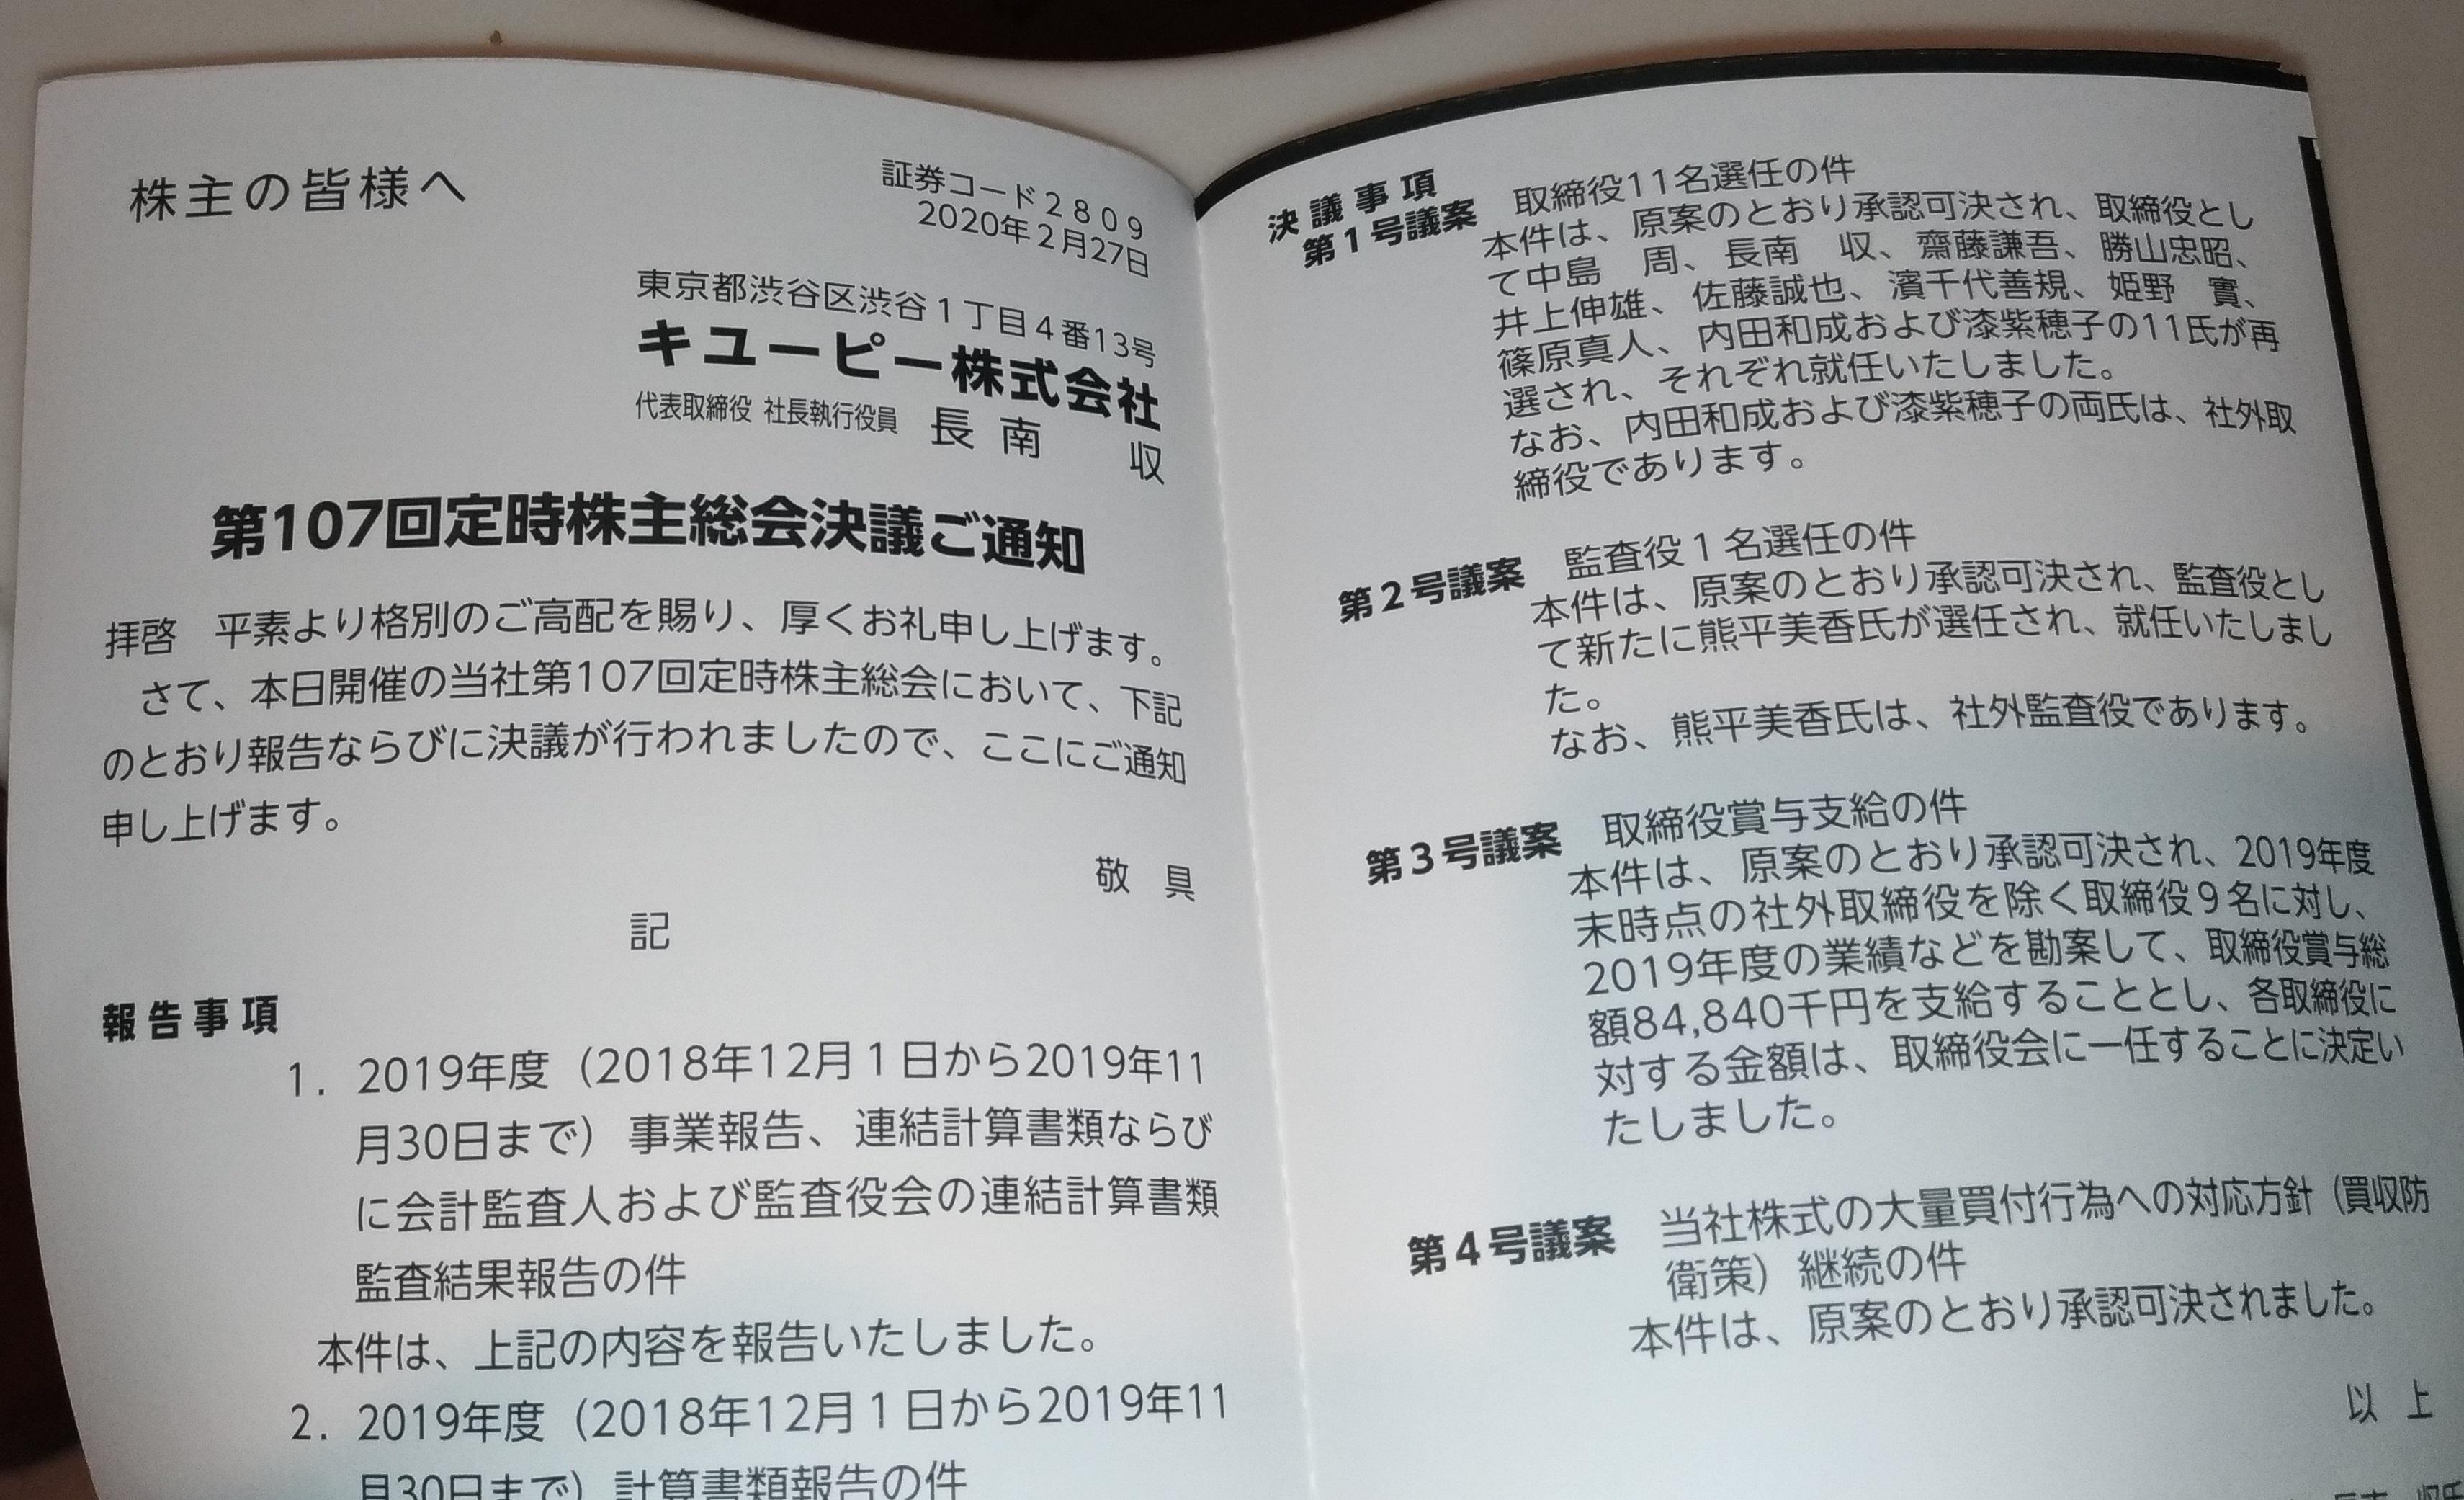 kyupi_kabu_2020_02_.jpg